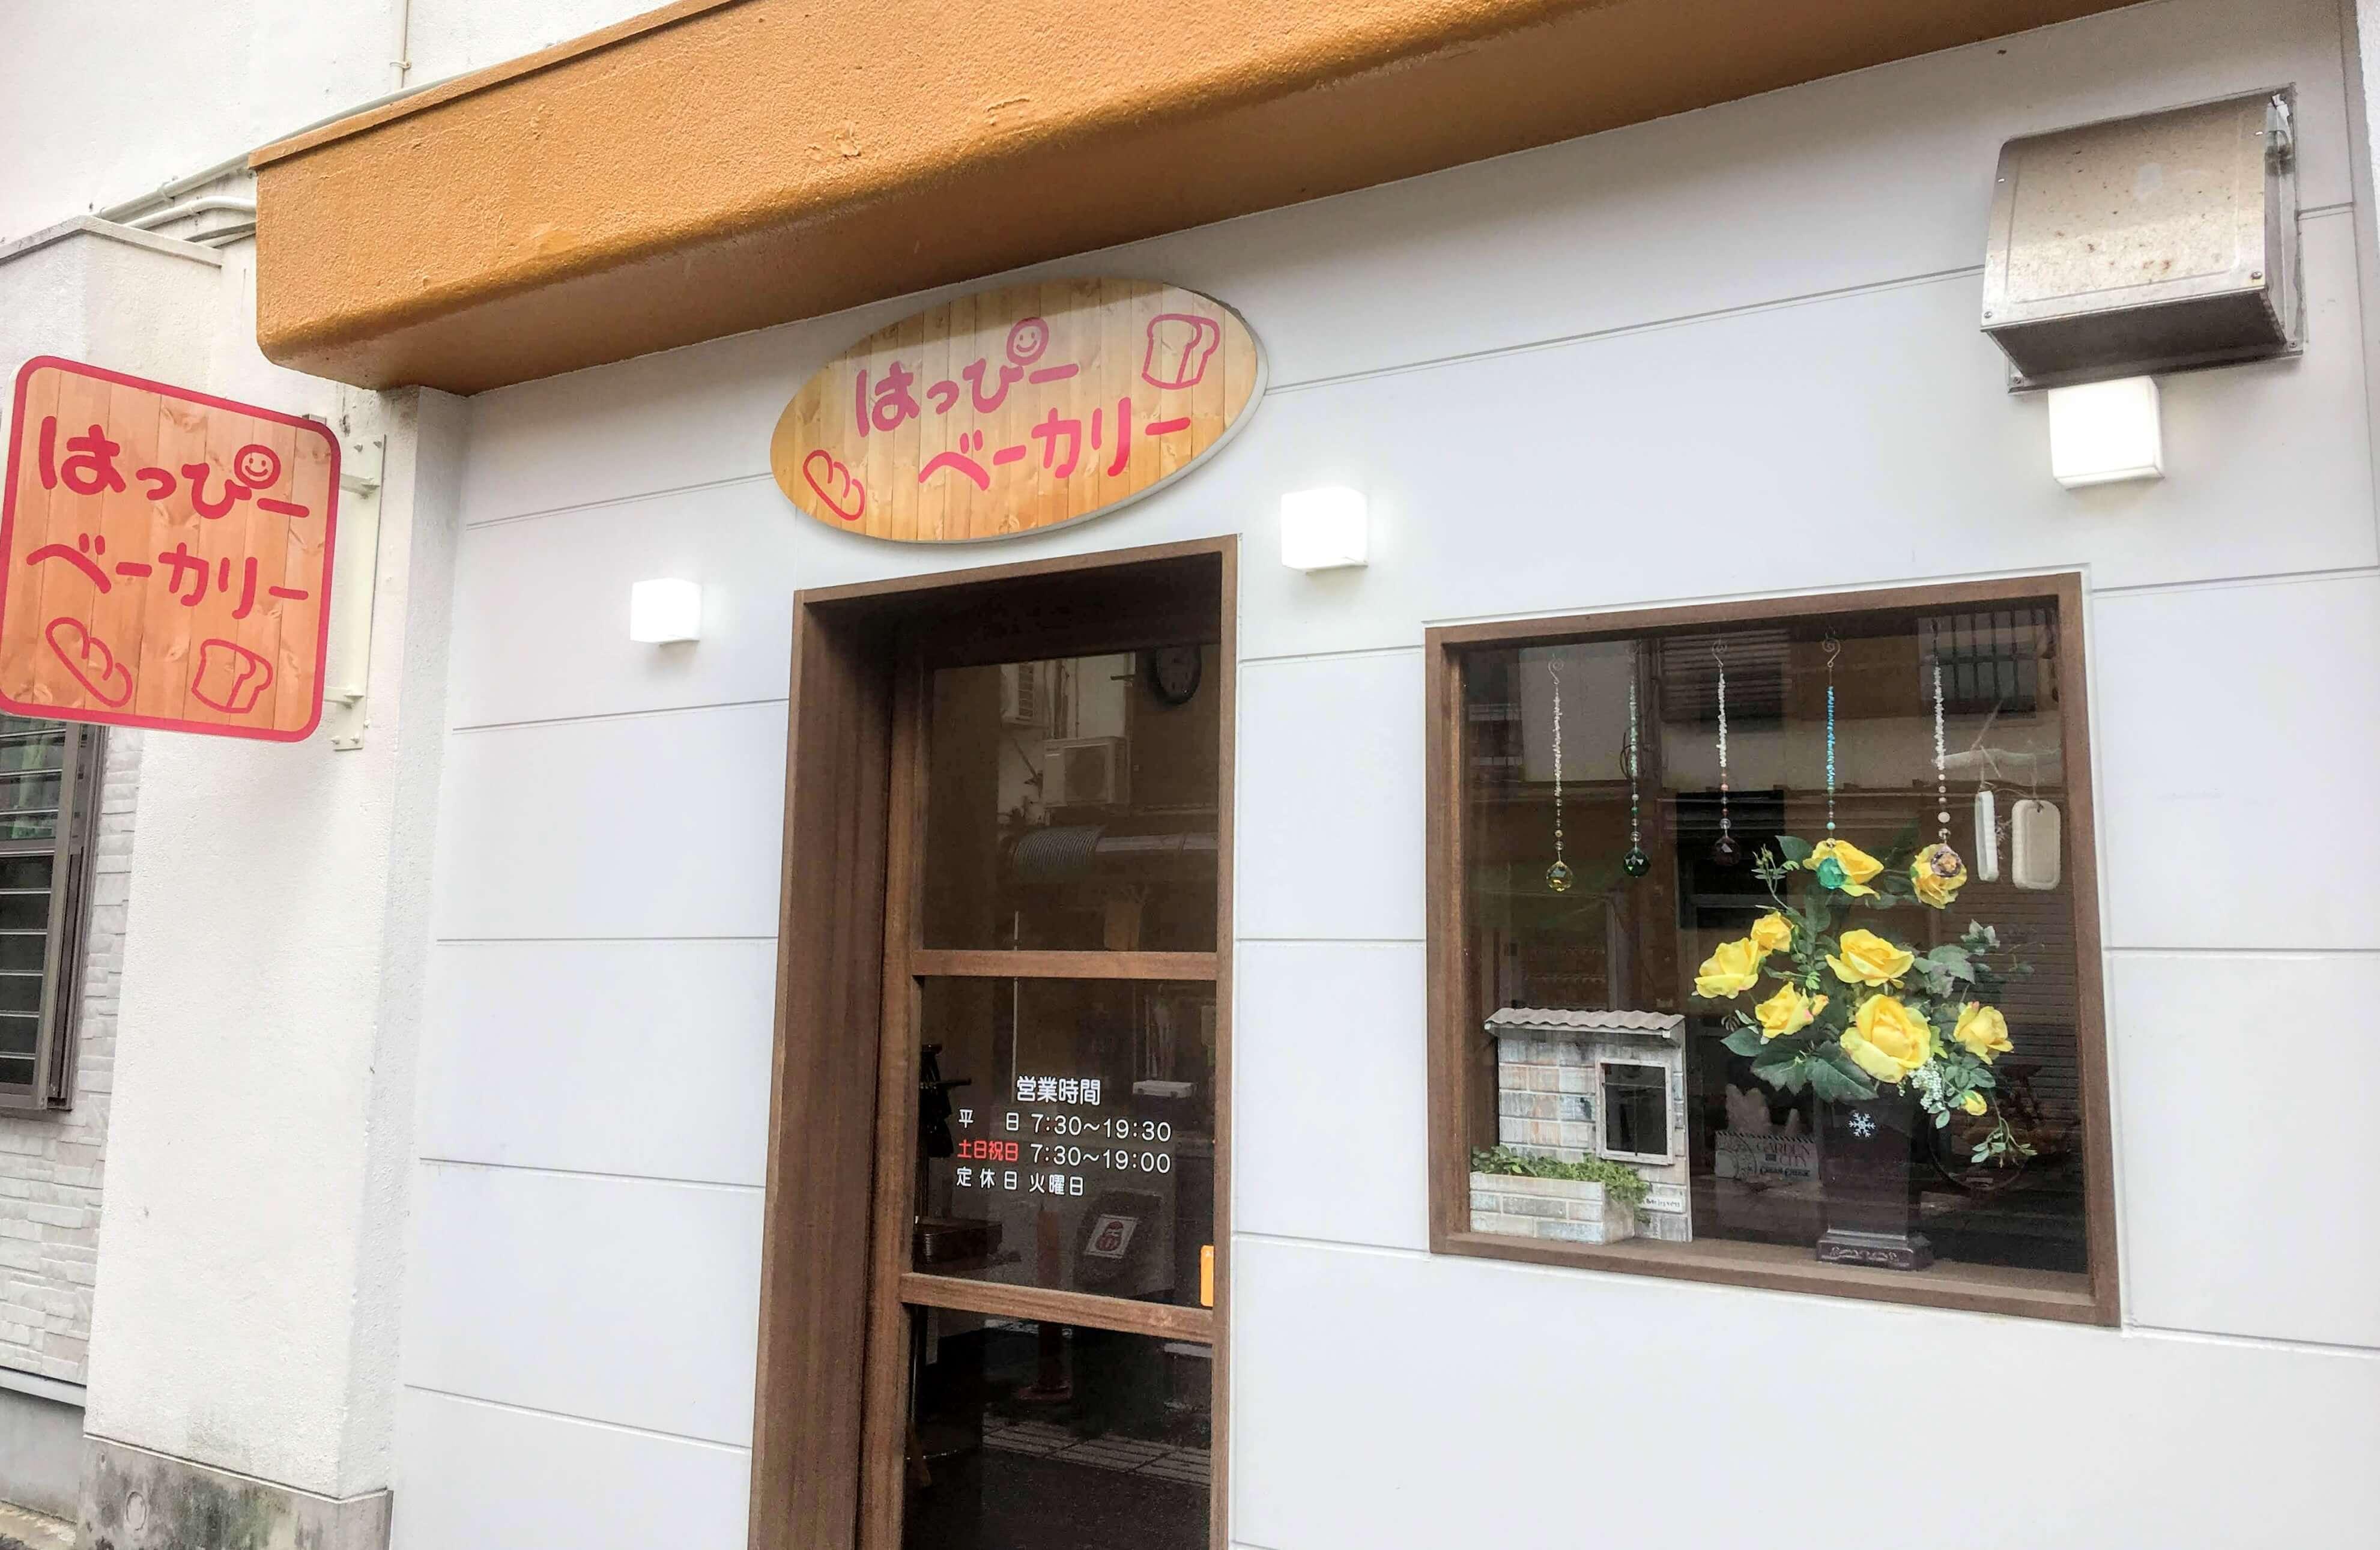 はっぴーベーカリー奄美大島のパン屋